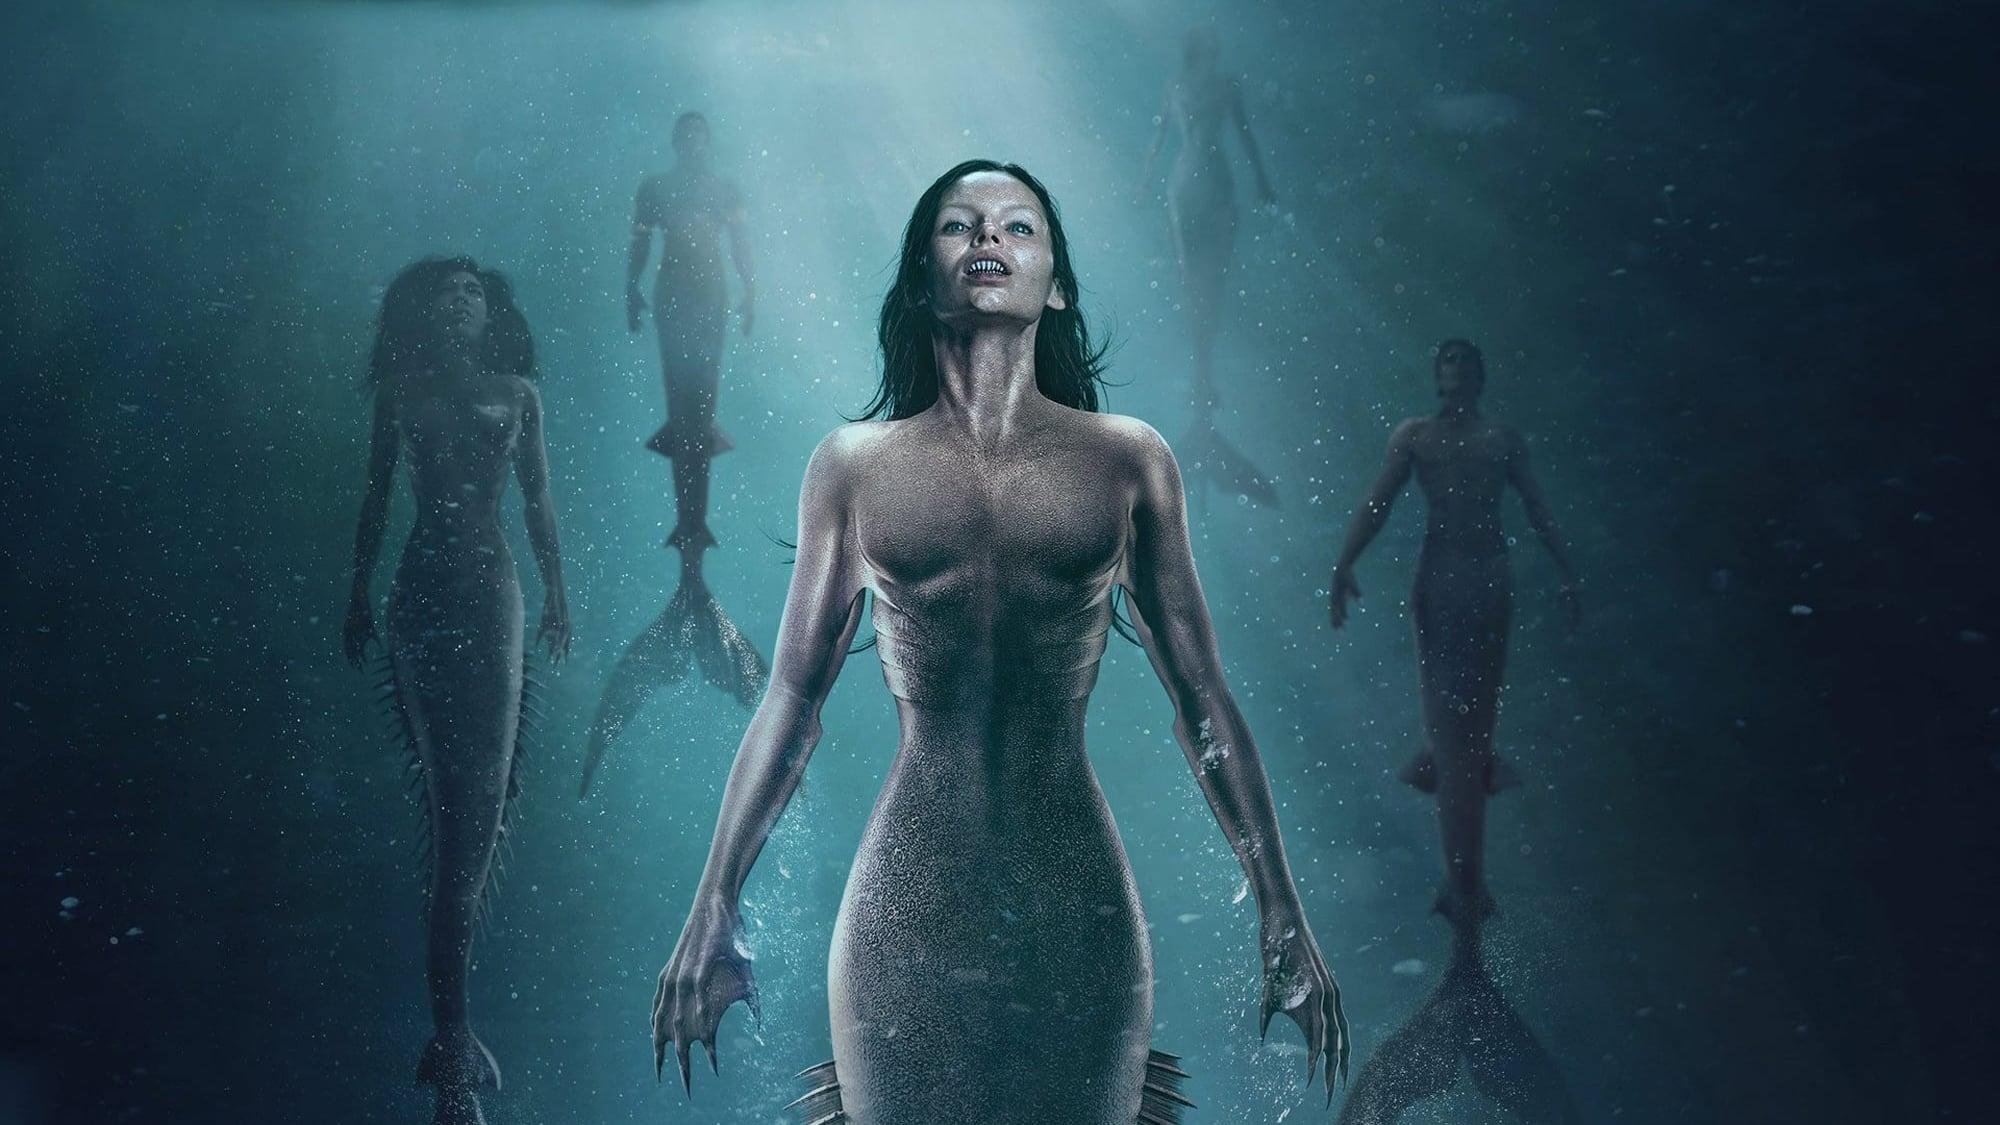 Siren (2018) gecanceld na derde seizoen